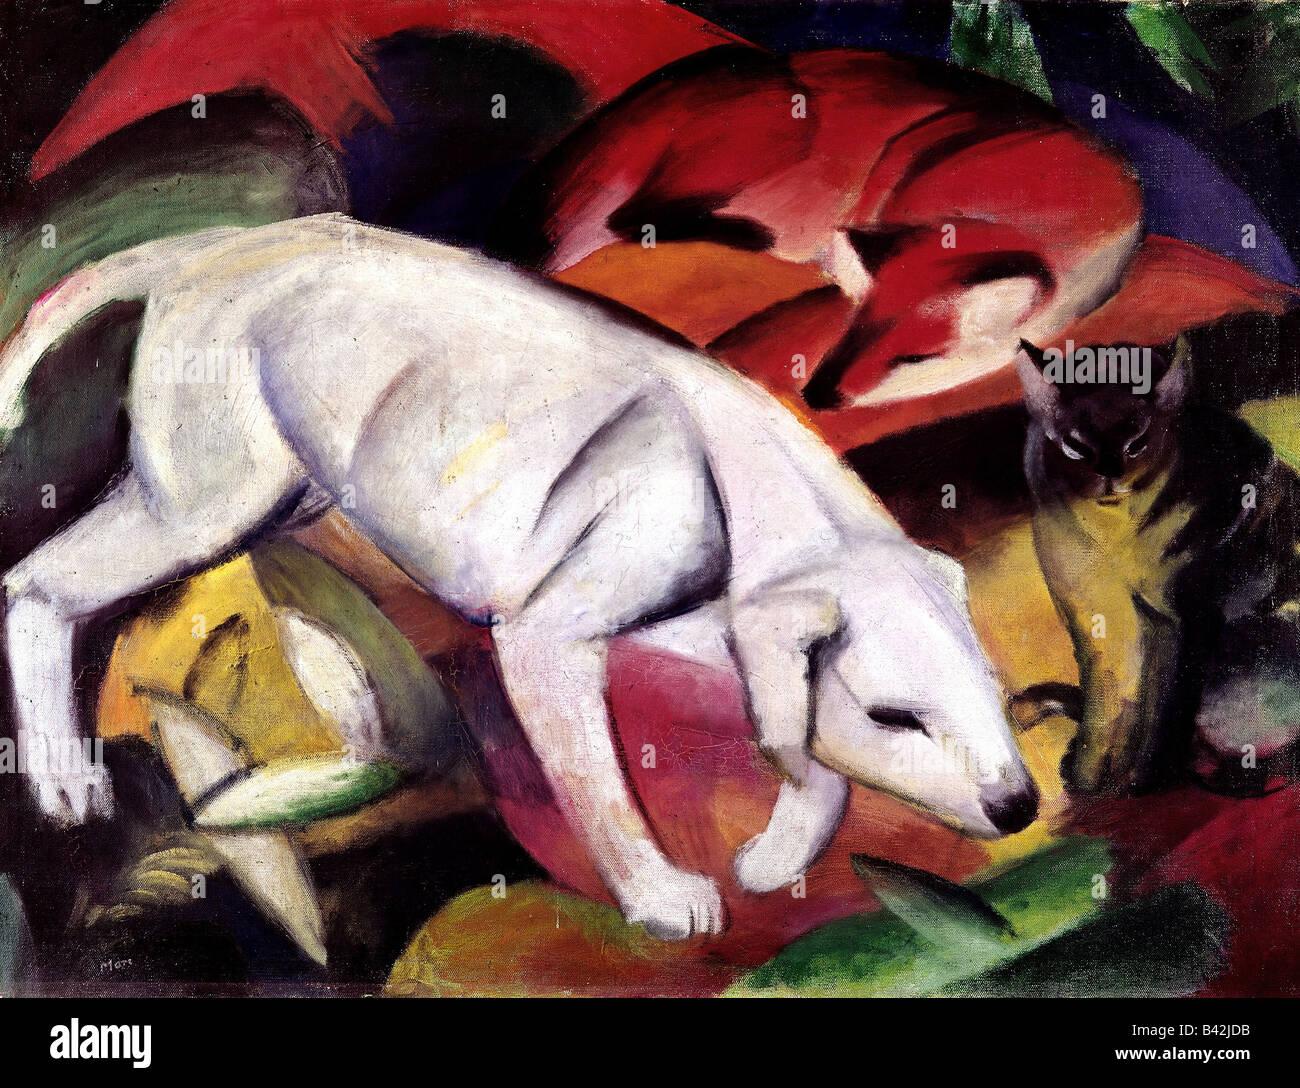 Bildende Kunst, Marc, Franz, 8.2.1880 - 4.3.1916, Malerei, 'Hund, Fuchs und Katze', (Hund, Fuchs Und Katze), 1912, Stockfoto